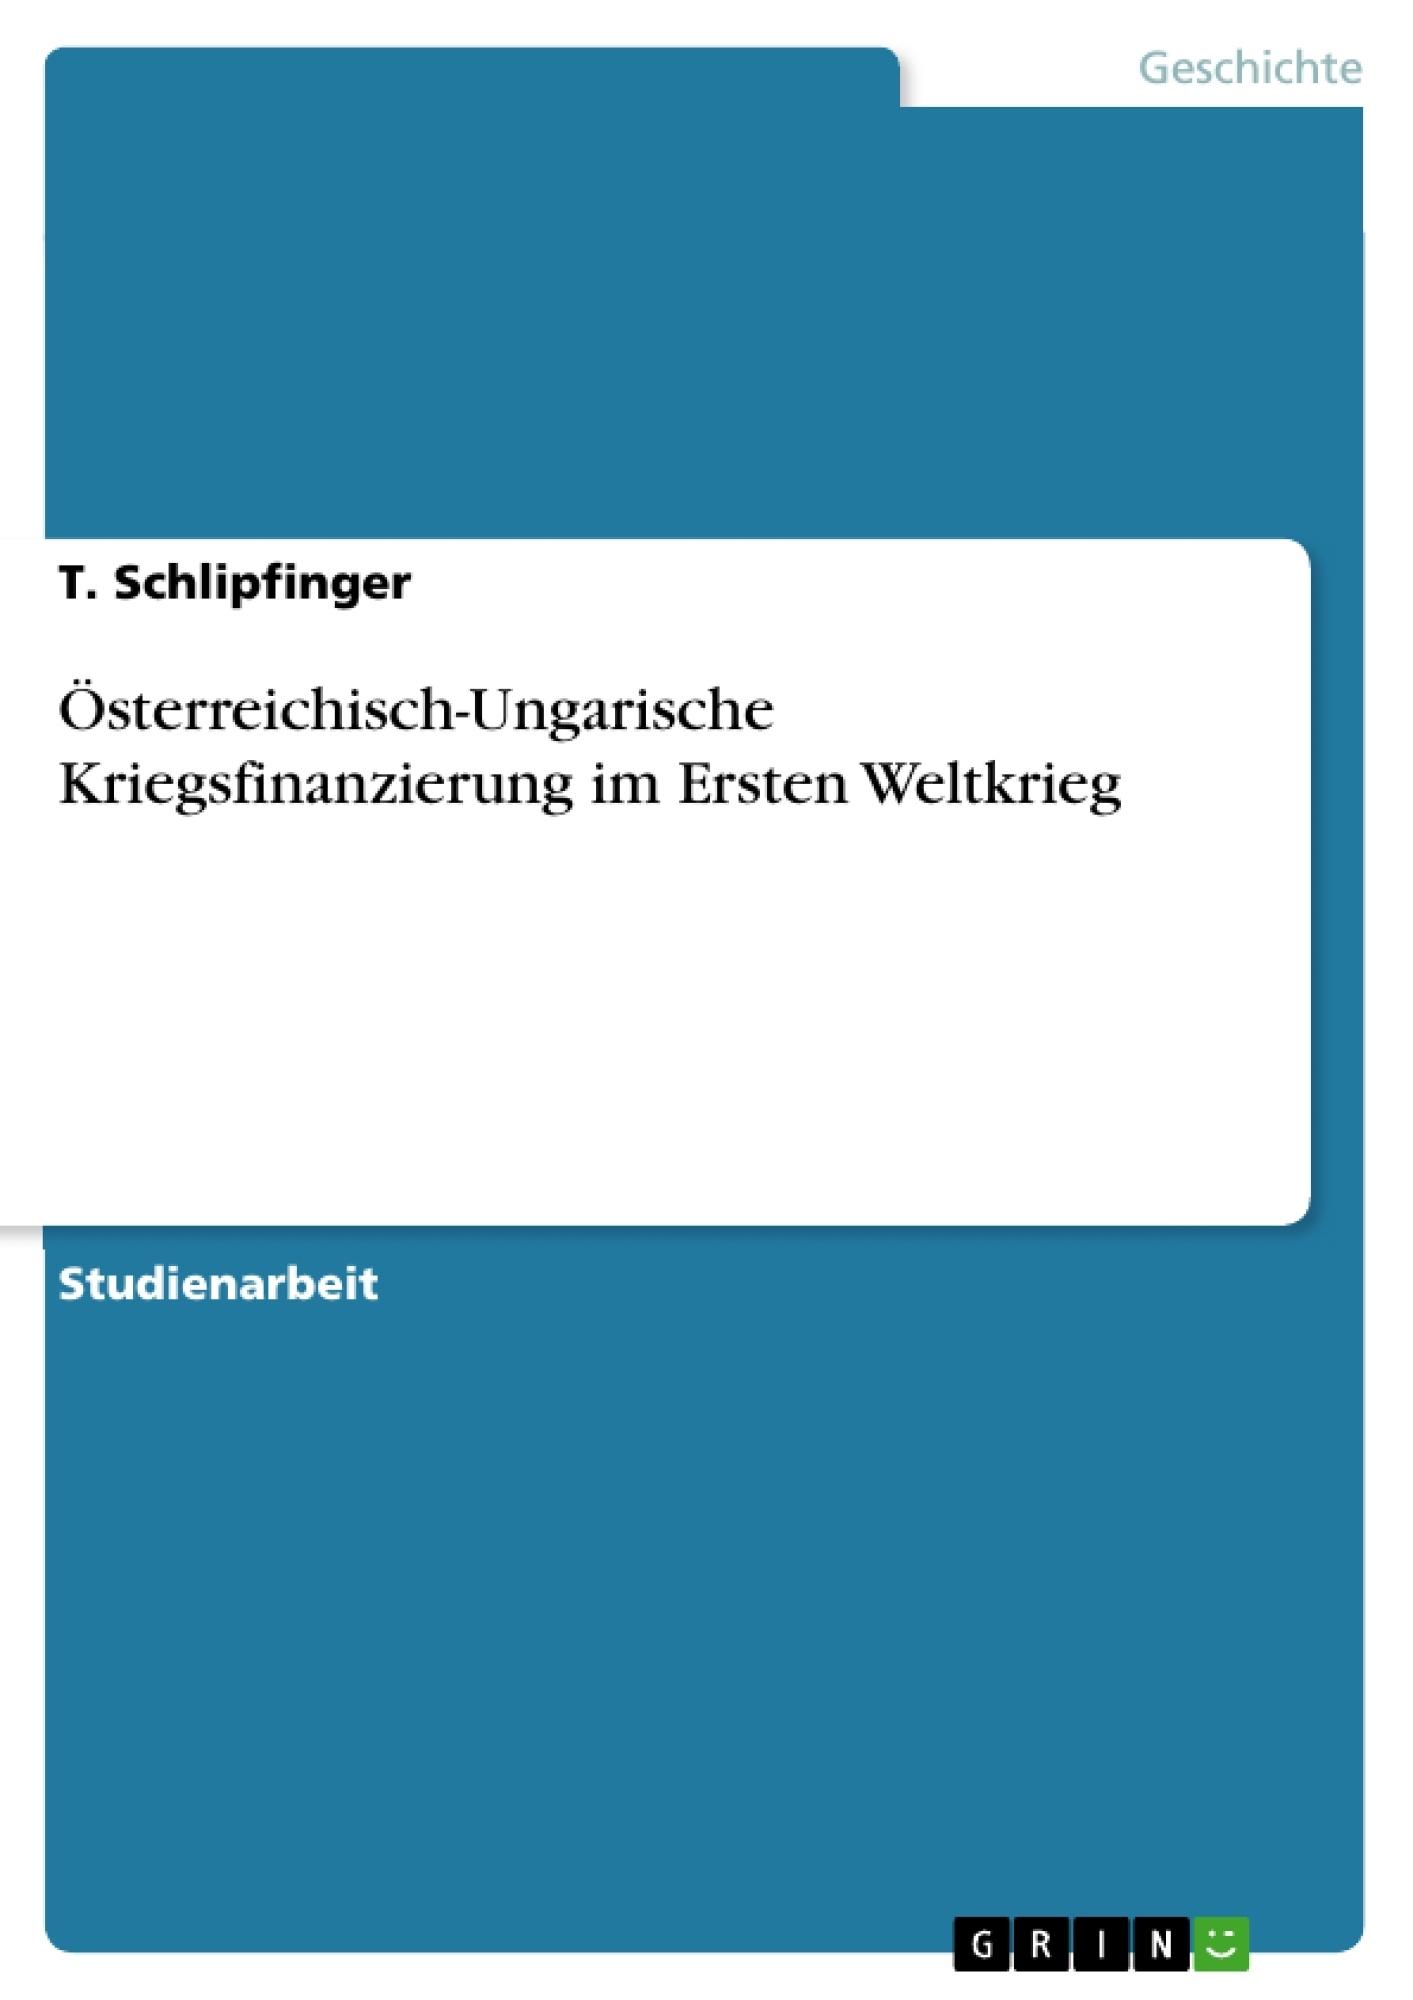 Titel: Österreichisch-Ungarische Kriegsfinanzierung im Ersten Weltkrieg